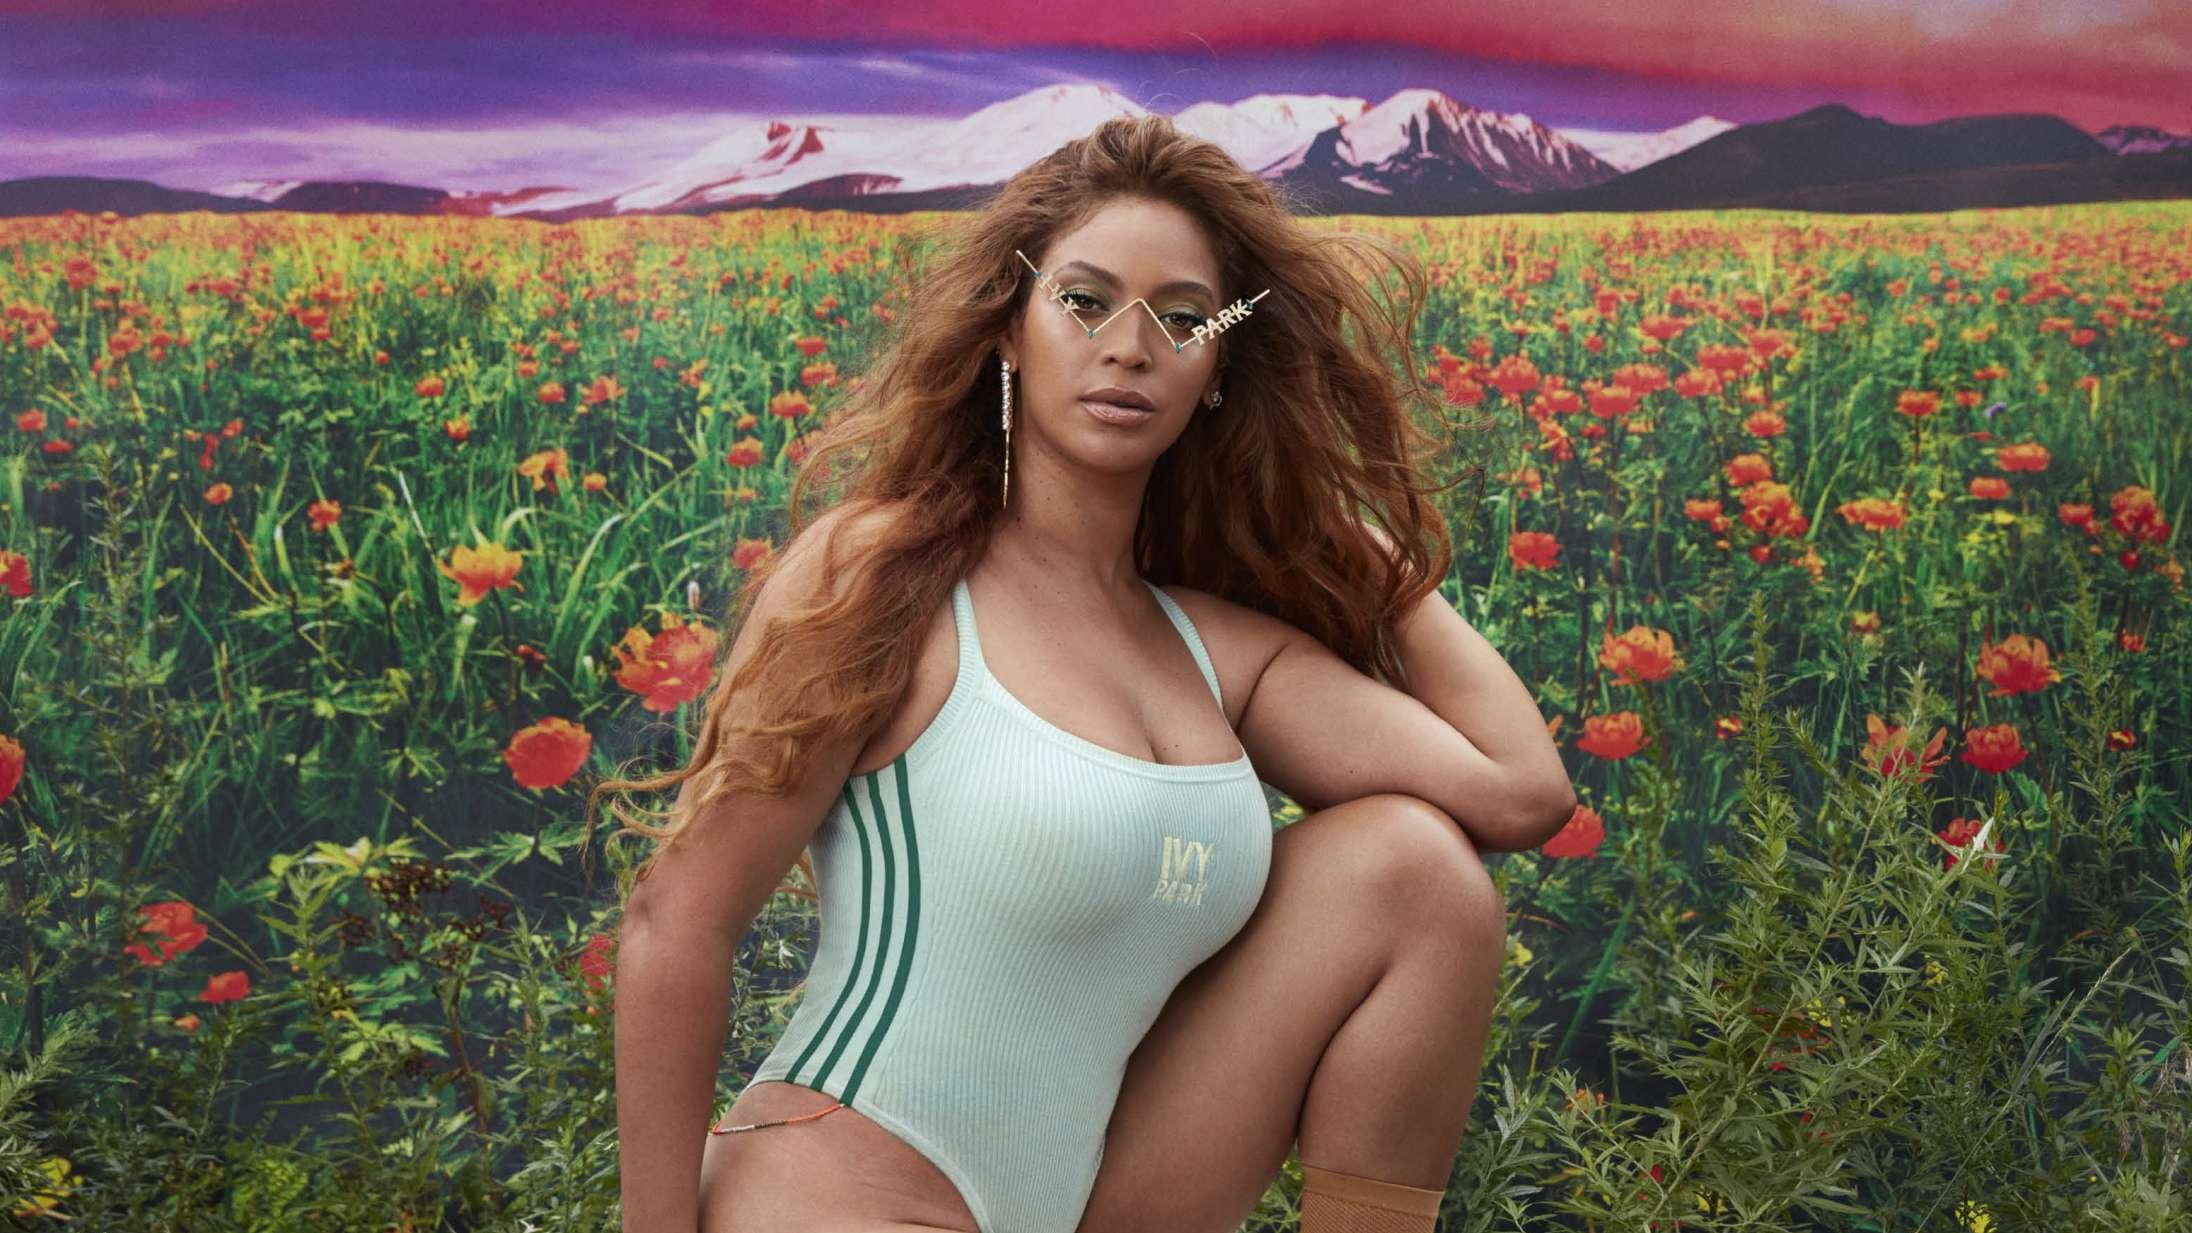 Ny kollektion beviser, at Beyoncé har fundet formen med Ivy Park x Adidas